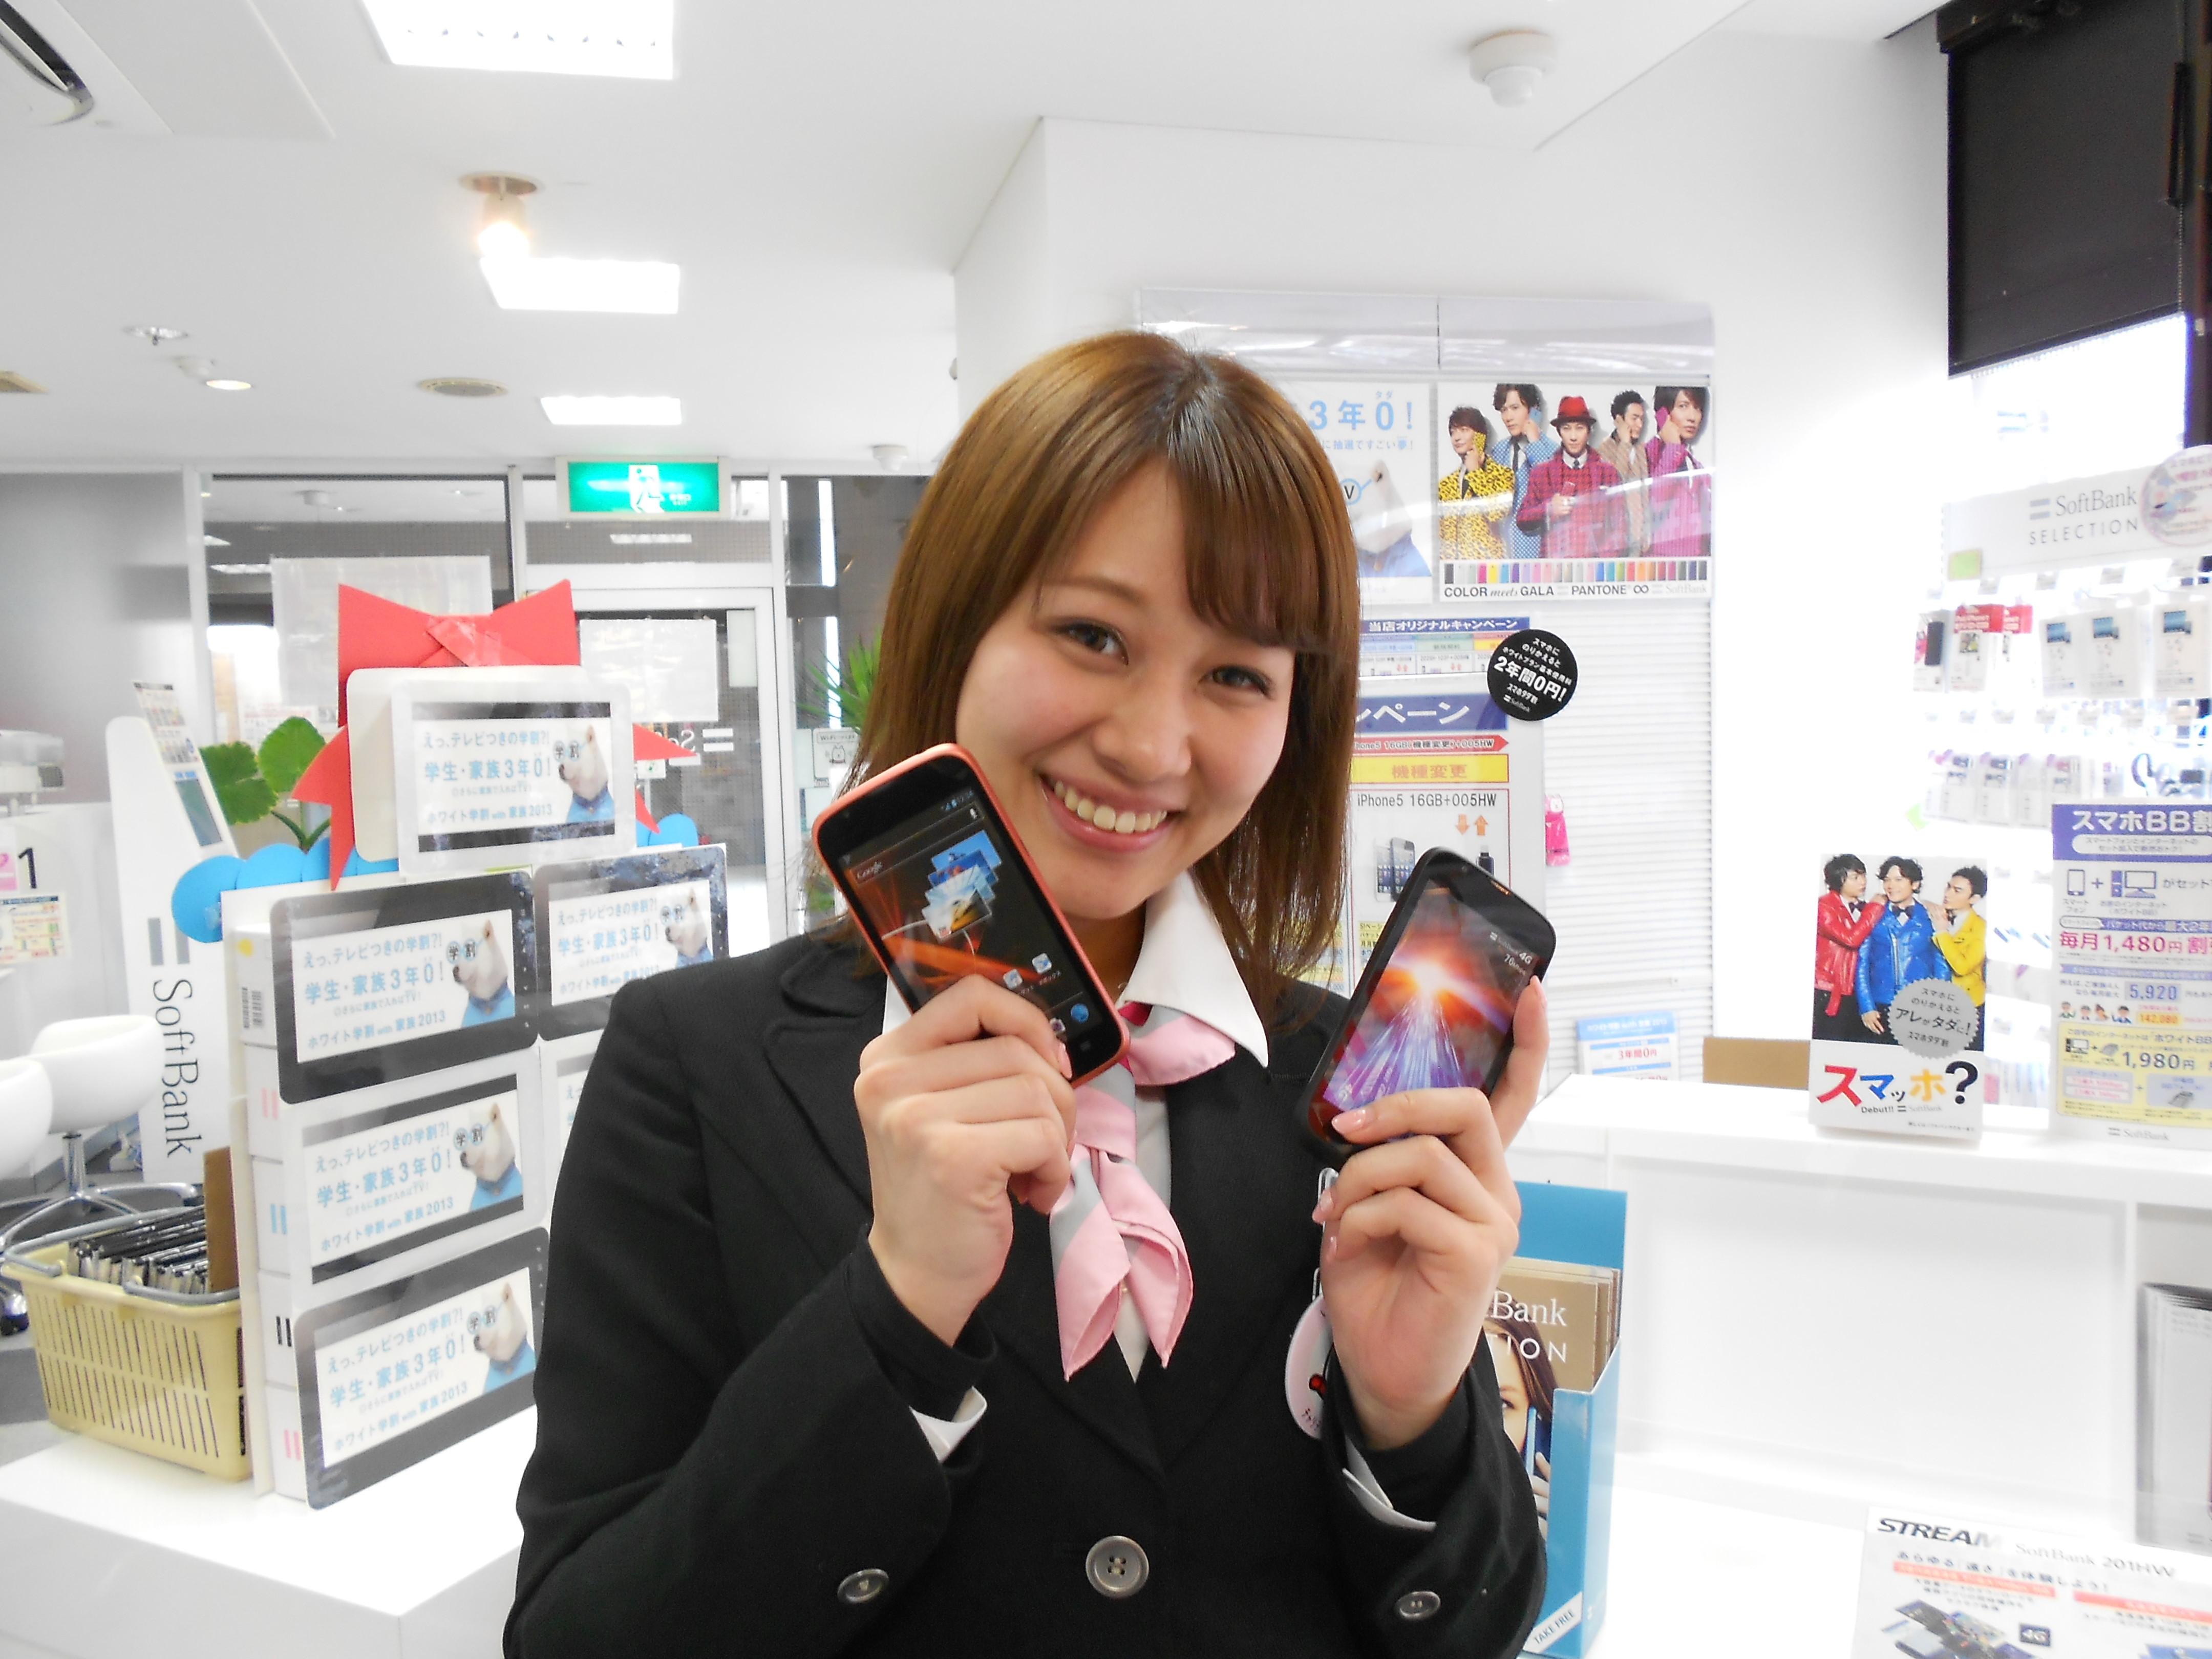 ソフトバンク 小田原駅前(株式会社シエロ)のアルバイト情報